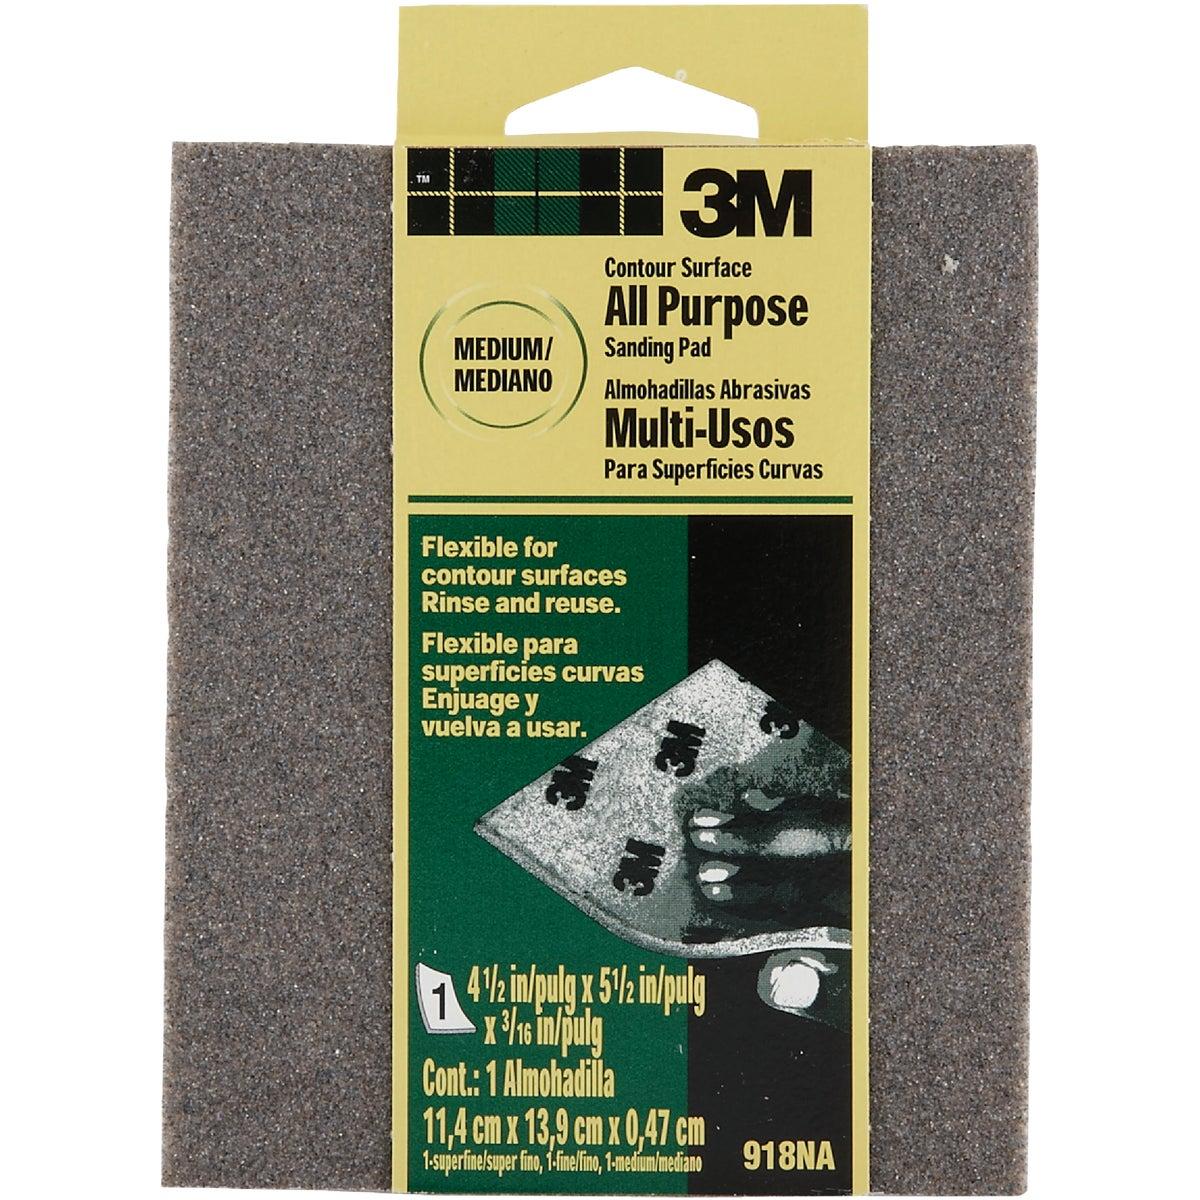 3M Contour Surface All-Purpose 4-1/2 In. x 5-1/2 In. x 3/16 In. Medium Sanding Sponge